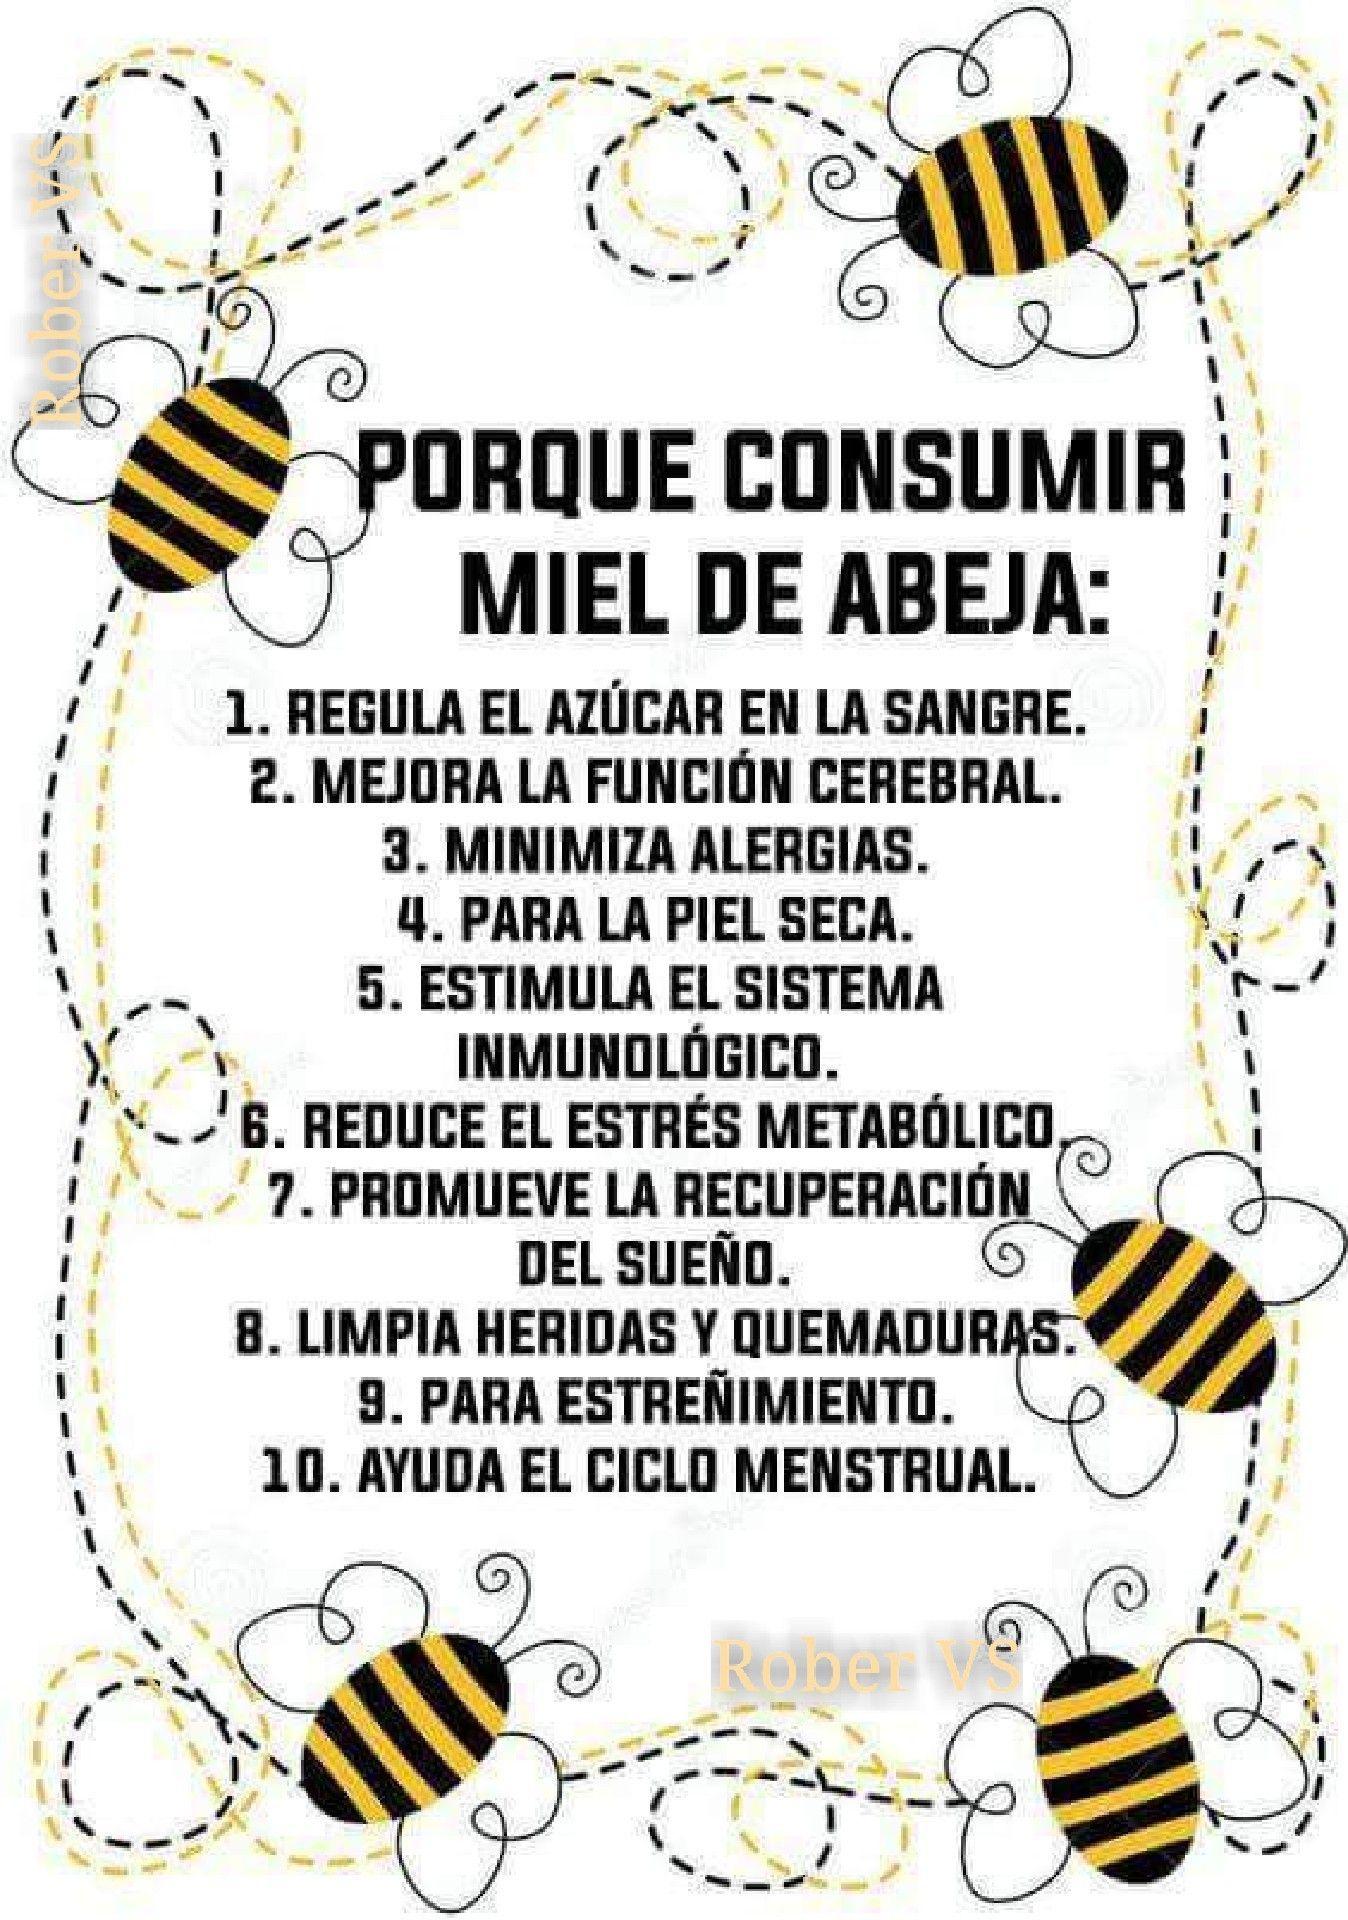 Porqué consumir miel de abeja? | Abejas-Bees/Apicultura-Beekeeping ...